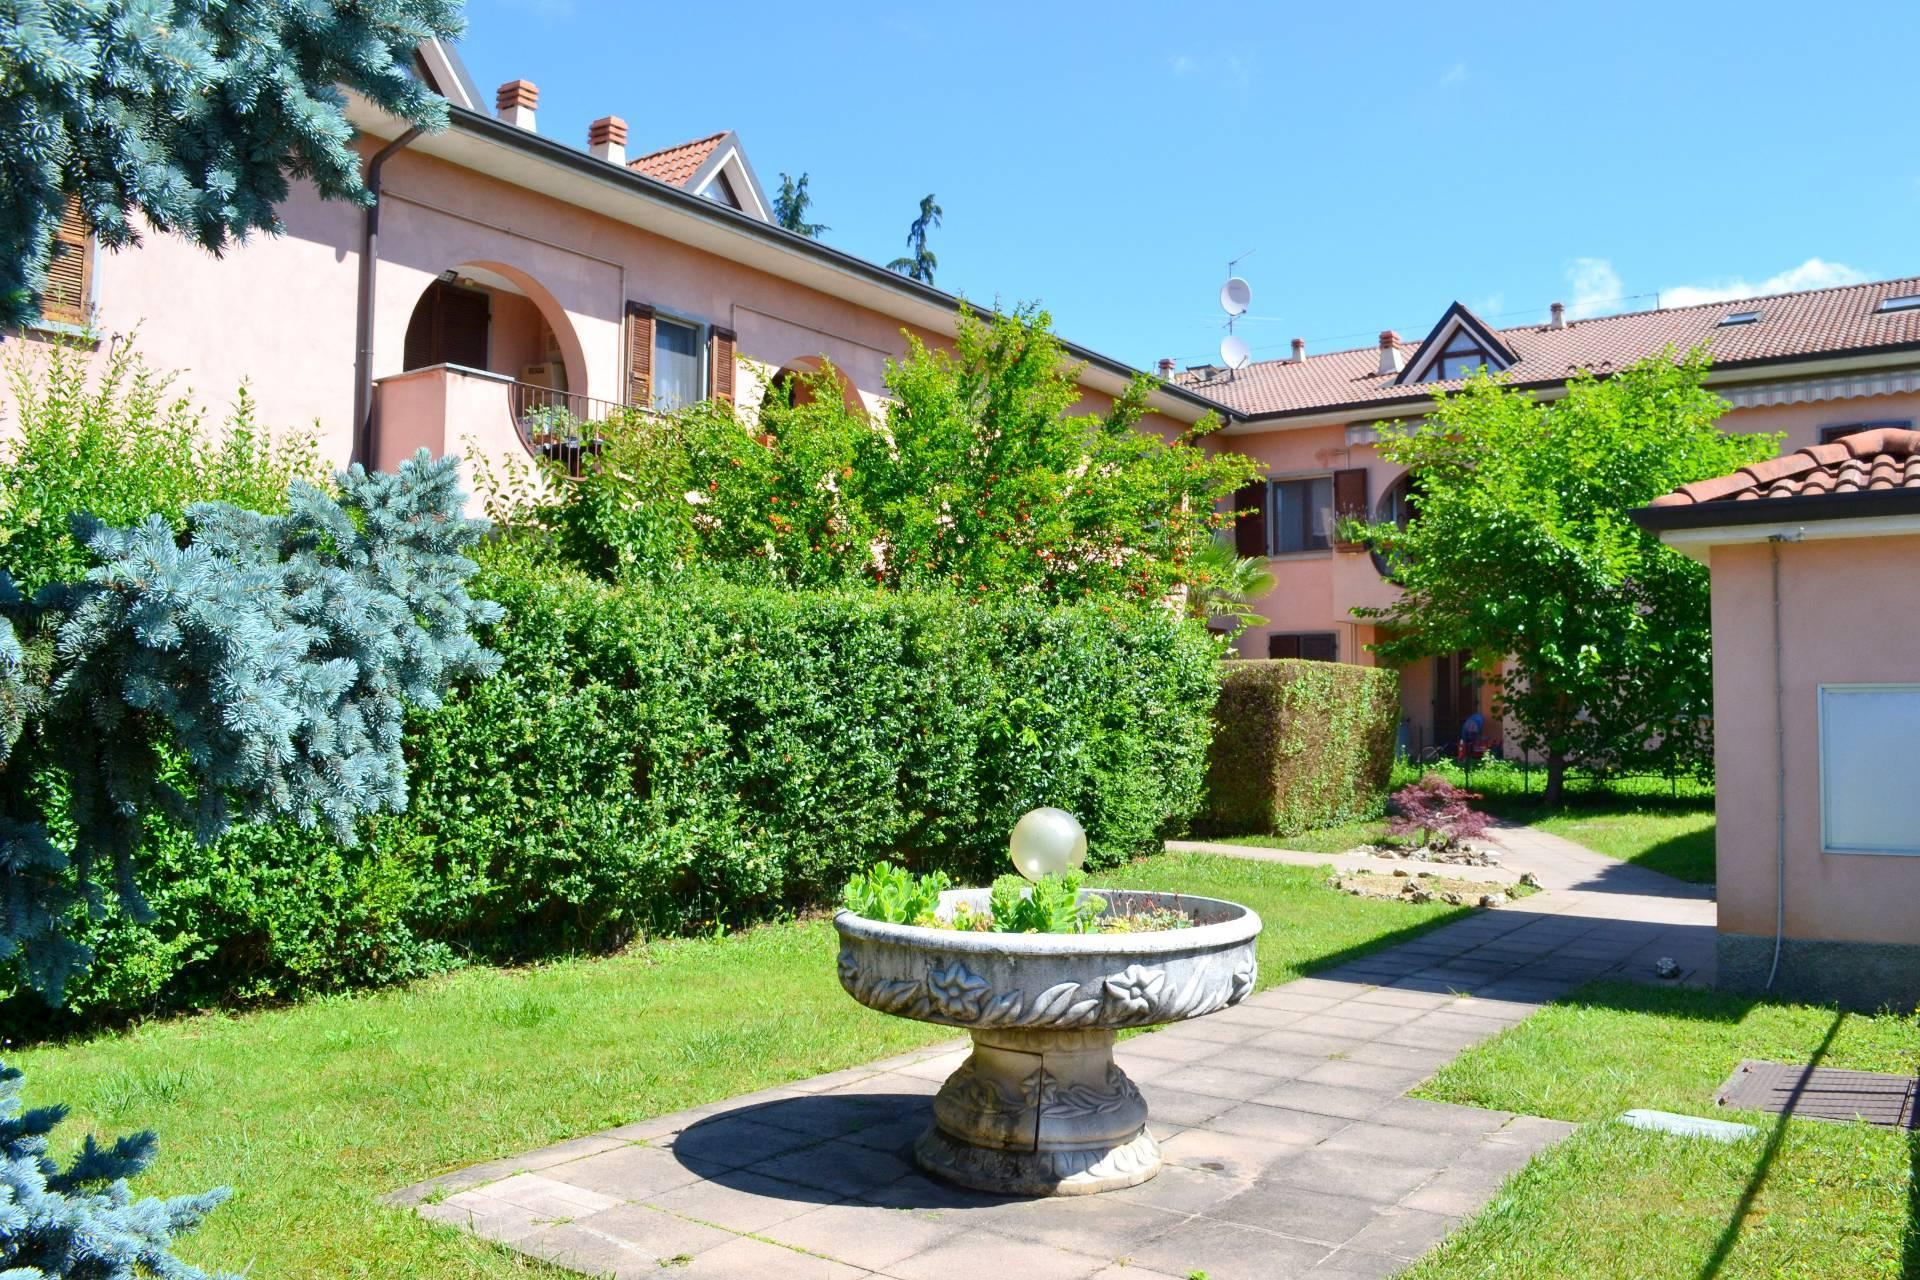 Attico / Mansarda in vendita a Trezzano Rosa, 2 locali, prezzo € 97.000   PortaleAgenzieImmobiliari.it